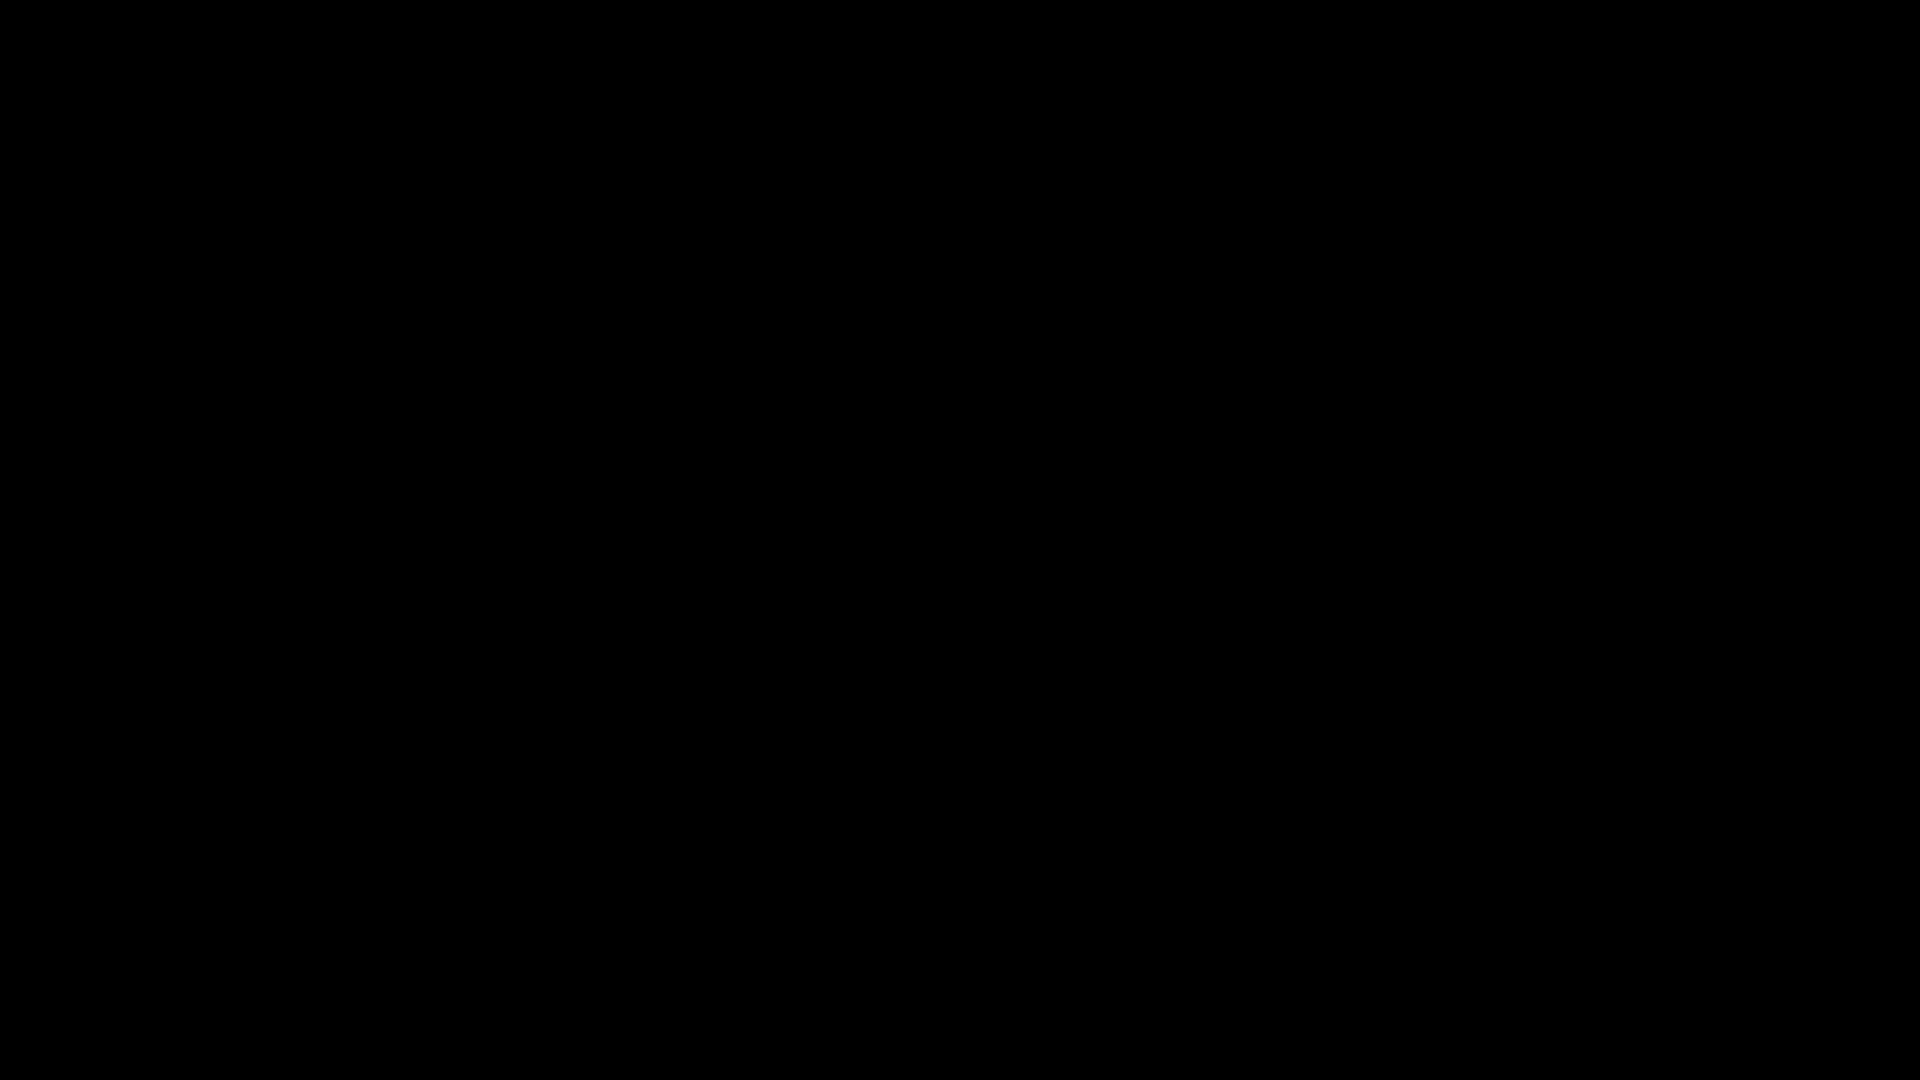 05-25_19-41-31 GIFs